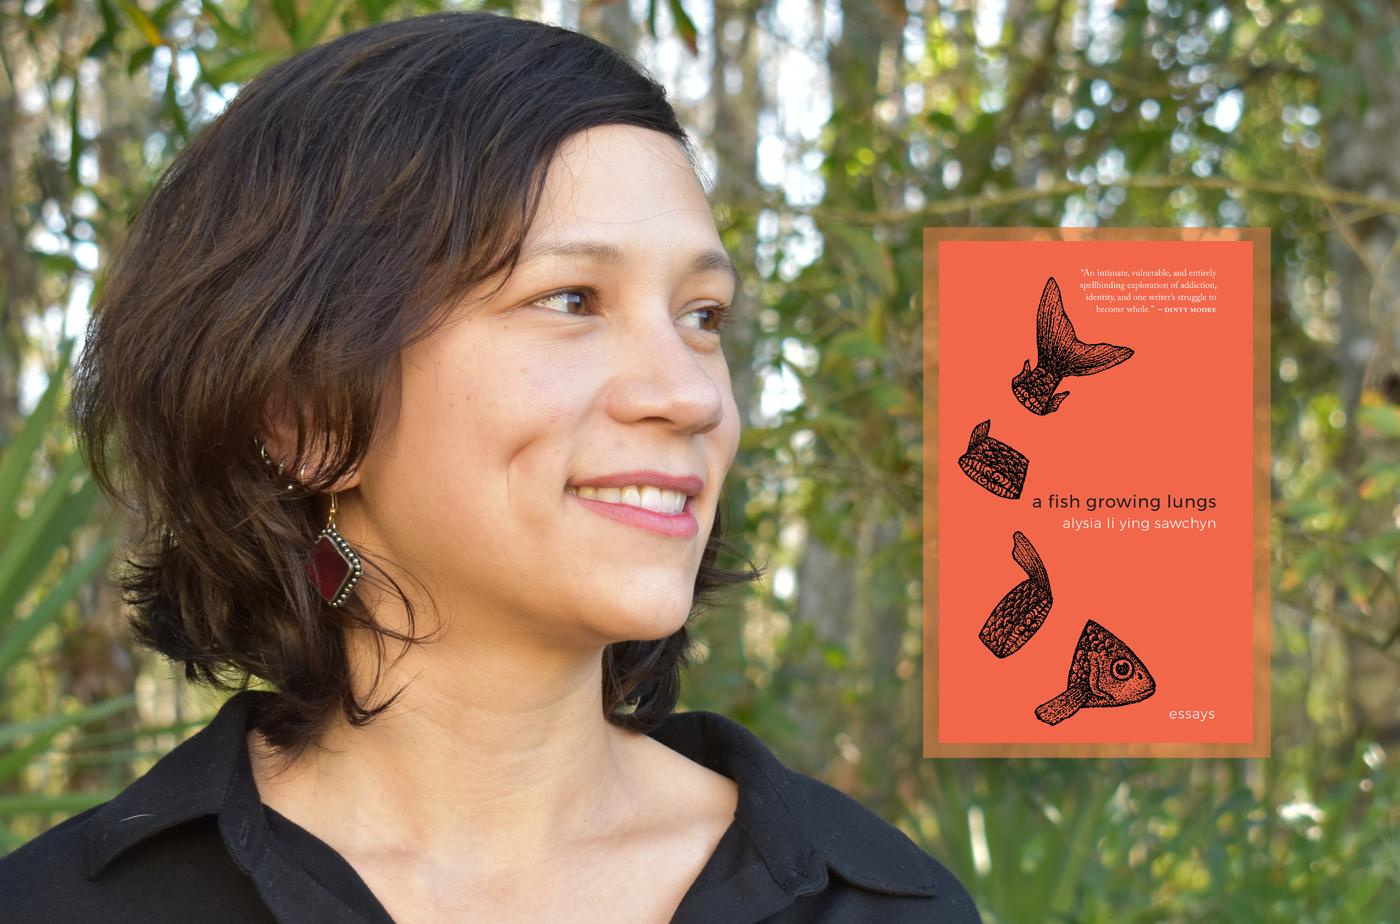 Catapult online classes: Alysia Sawchyn, 6-Week Online Nonfiction Workshop: Writing Flash Nonfiction, Nonfiction, Workshop